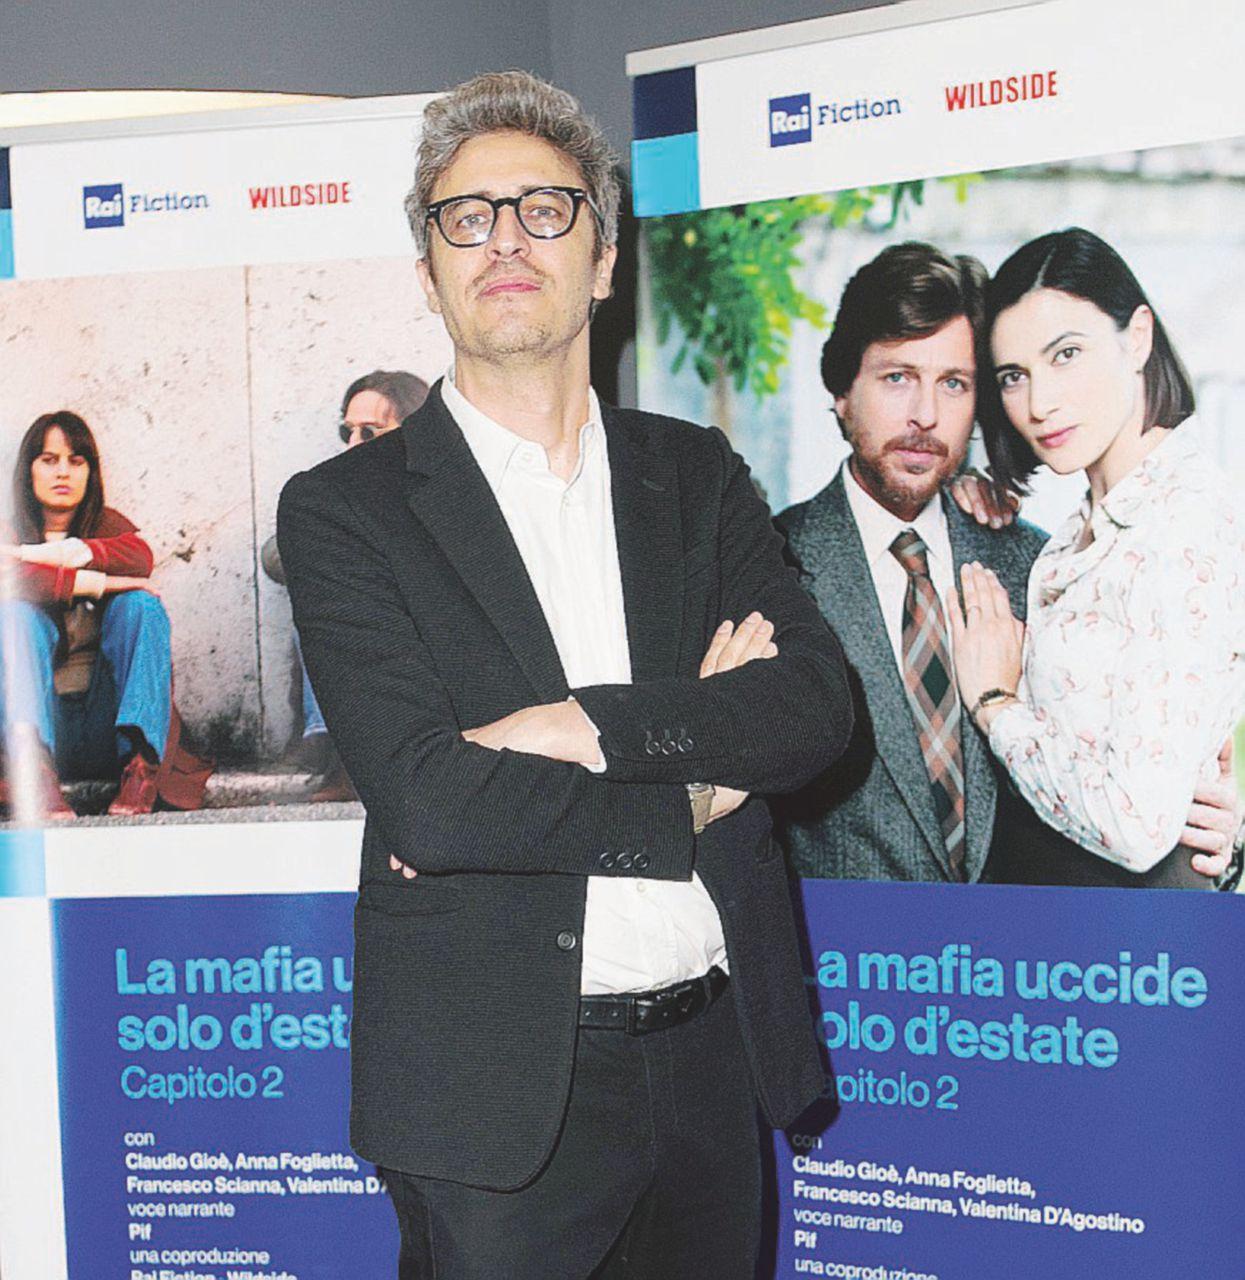 """Andreotti, la Rai crede alle bufale del Foglio sulla fiction di Pif: """"Falso che il Divo incontrò Bontate"""". Ma lo dice la Cassazione"""